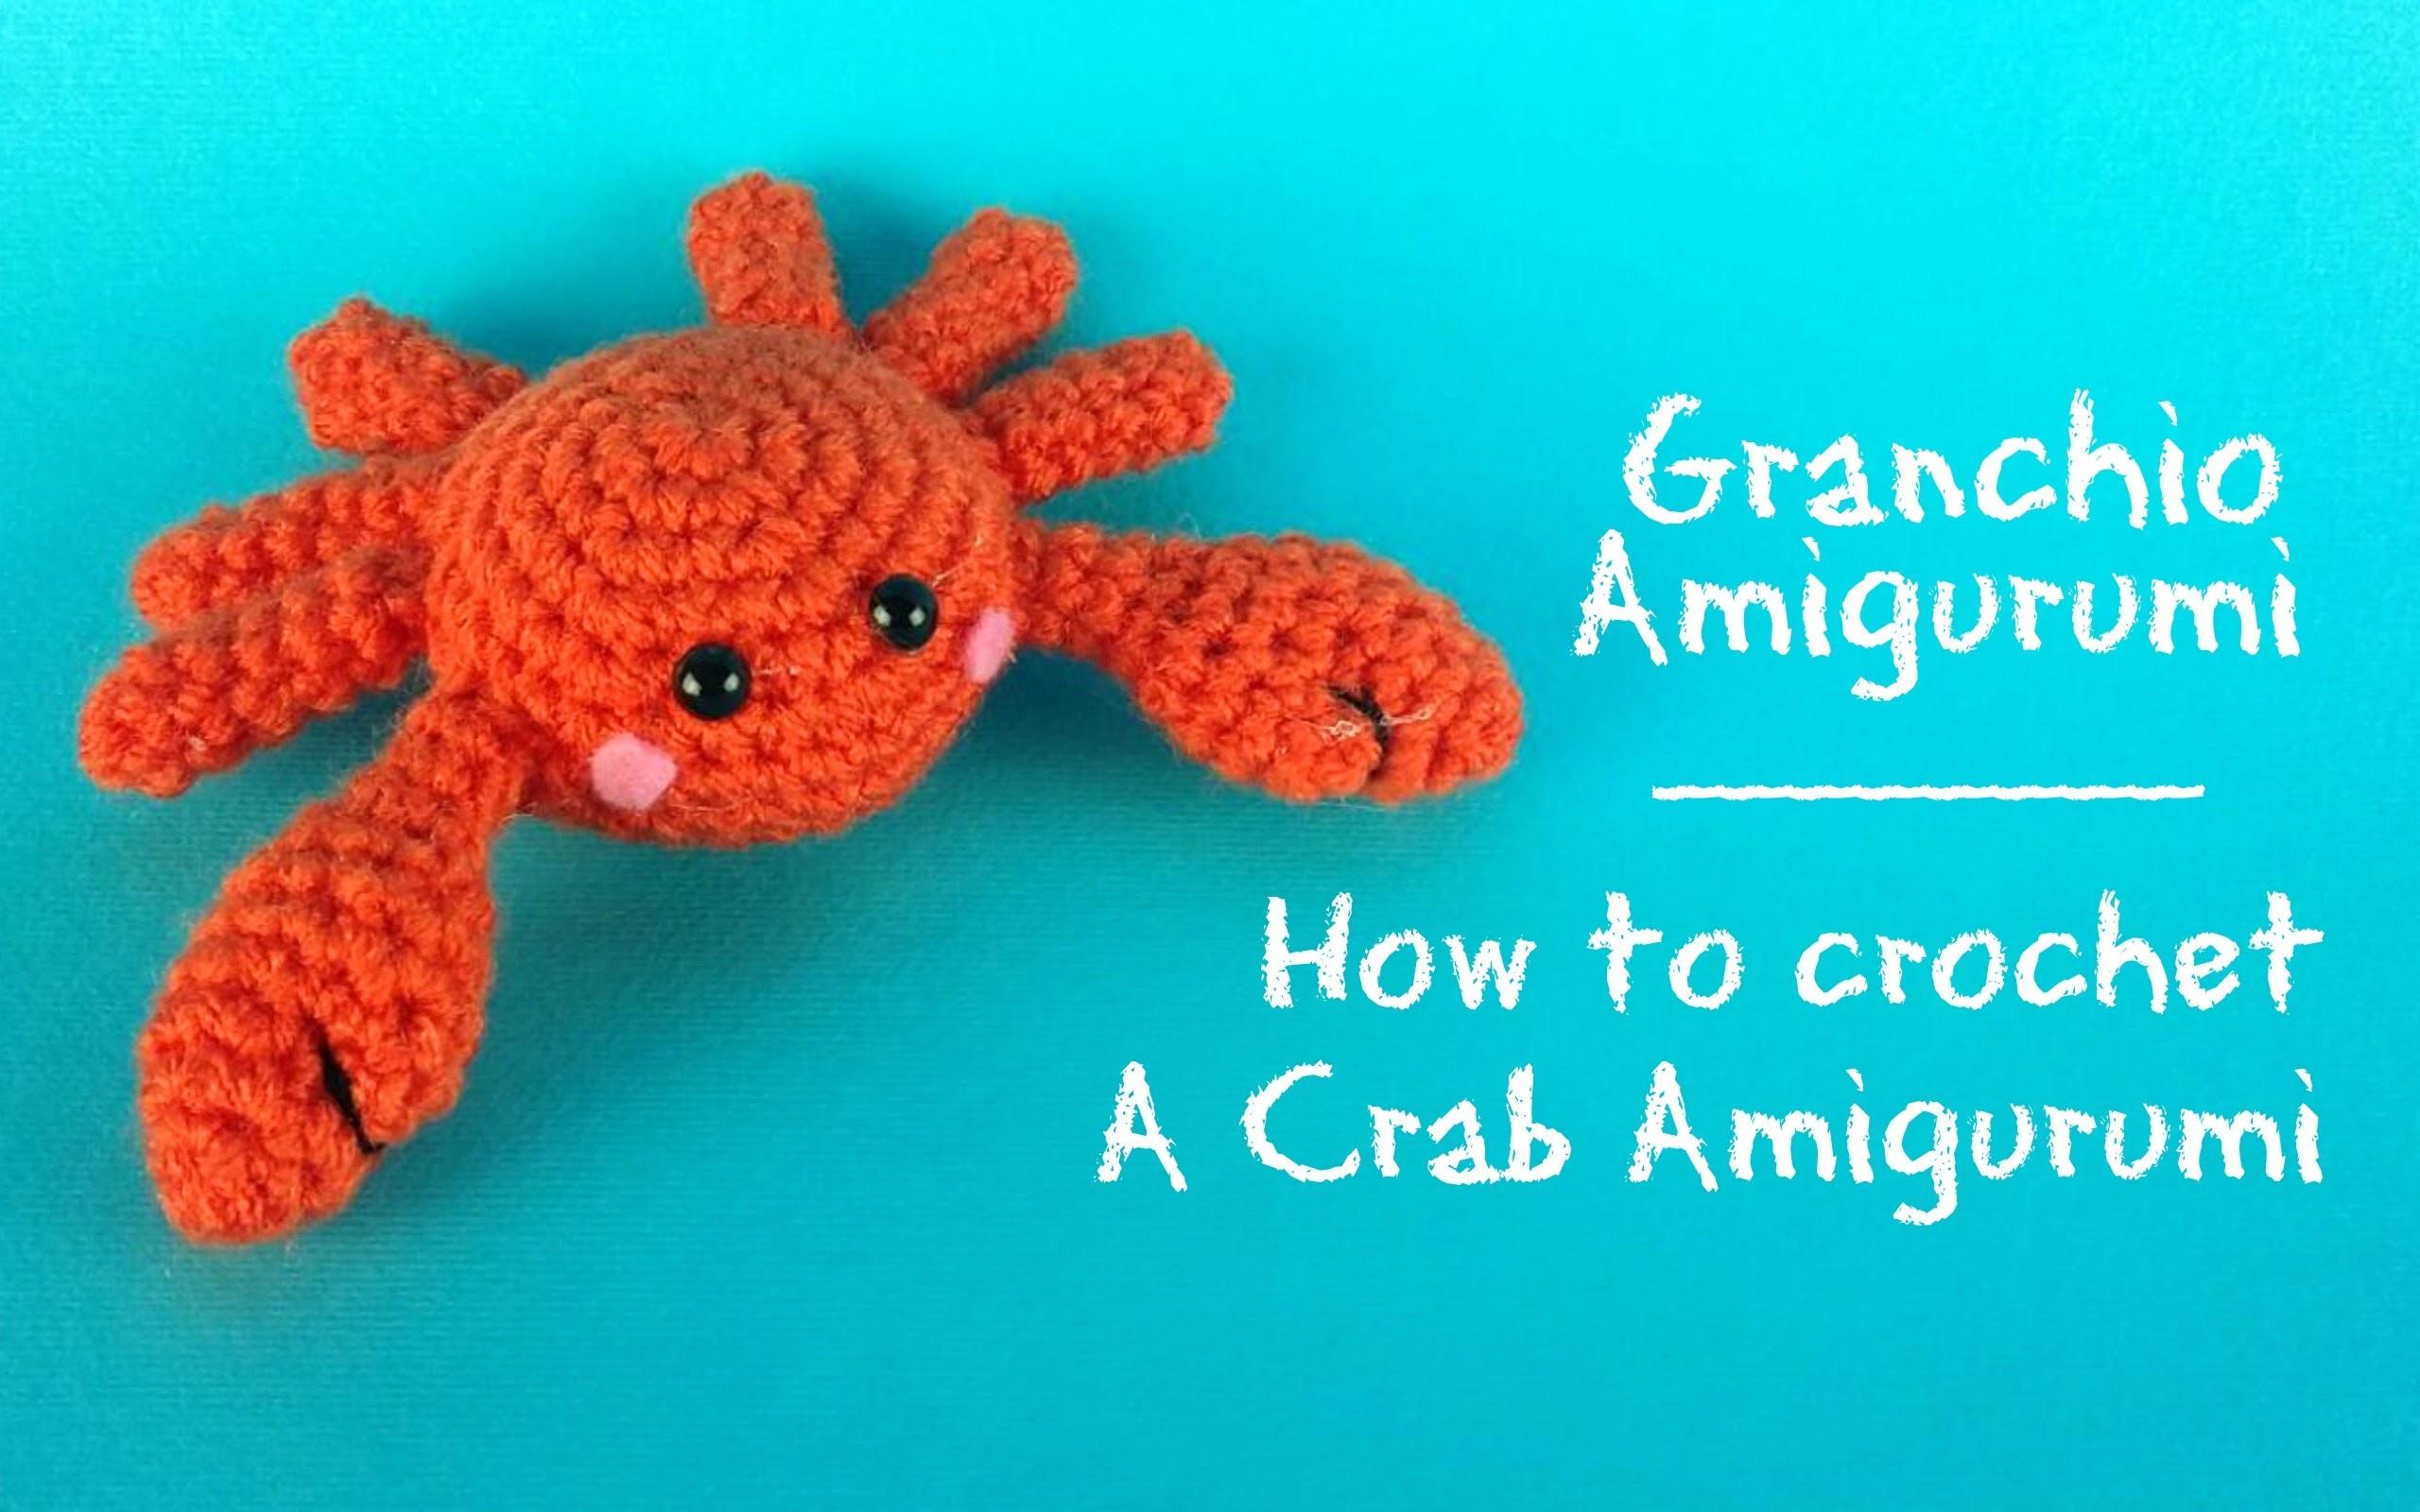 Granchio amigurumi, How to crochet a Crab Amigurumi, My ...